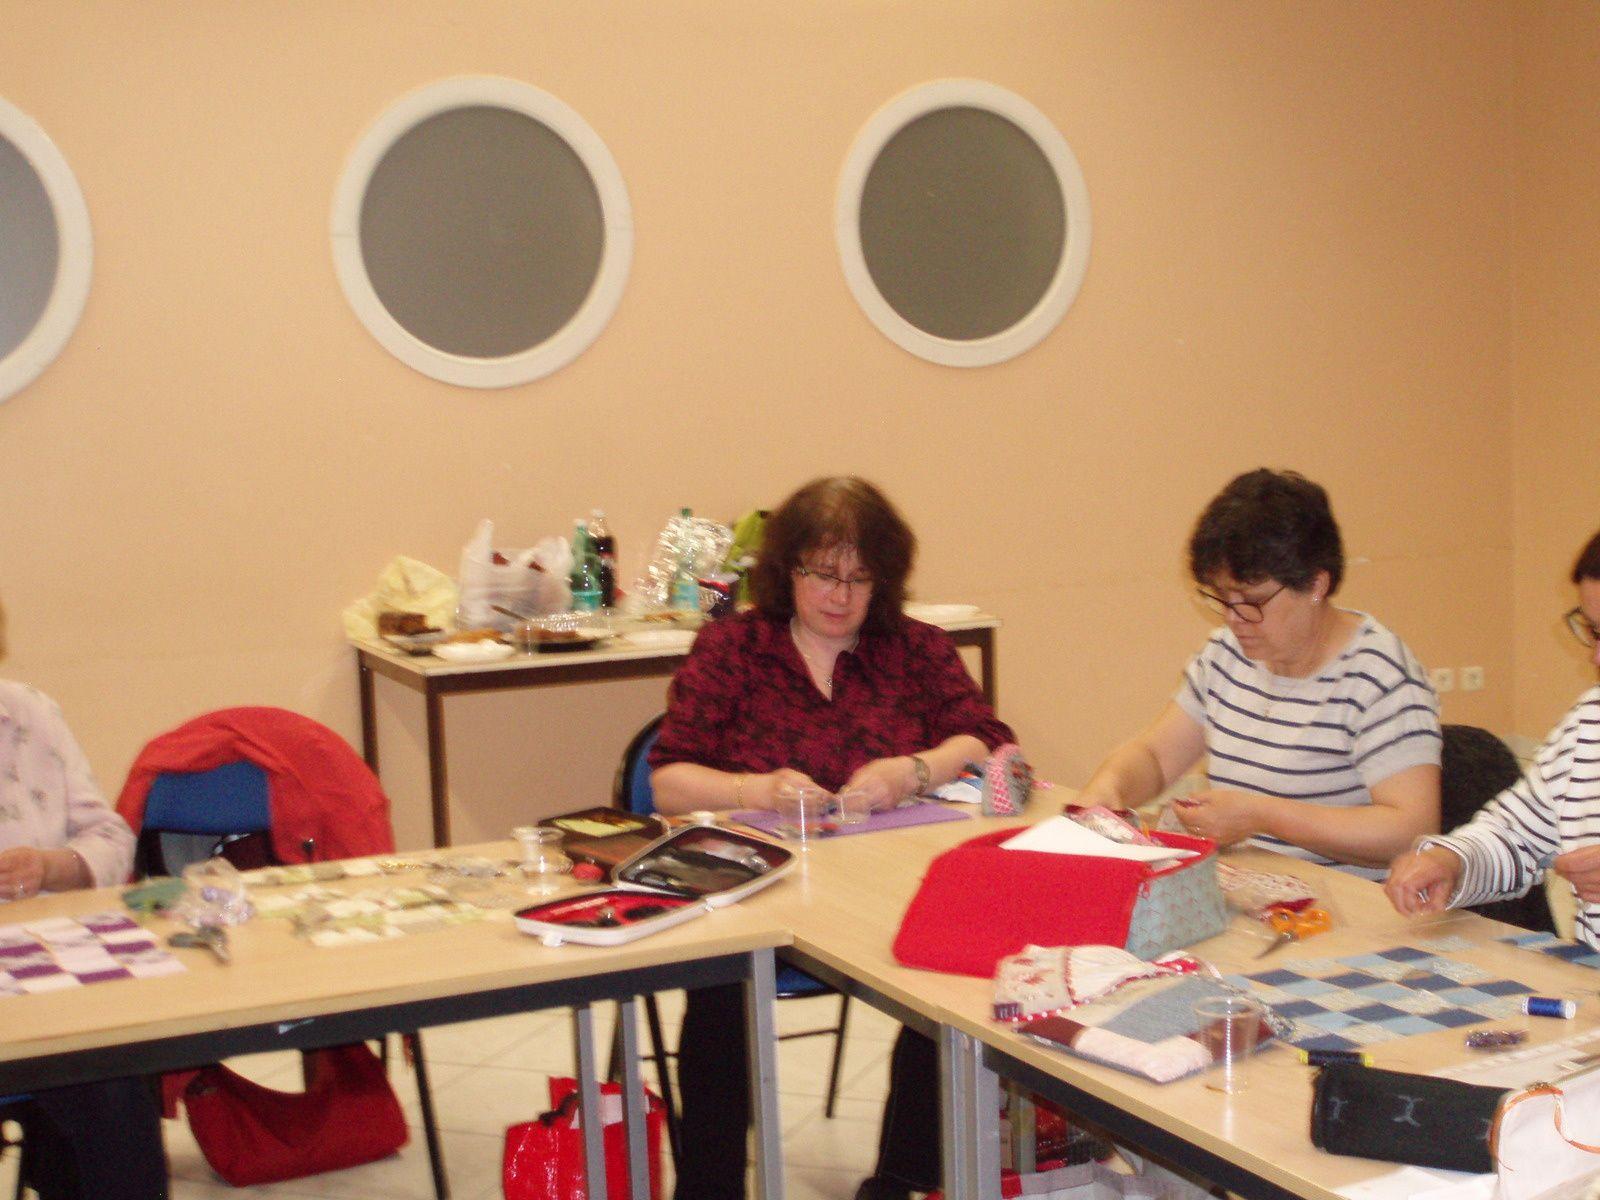 Atelier patchwork &quot&#x3B;pochette fleurie&quot&#x3B;